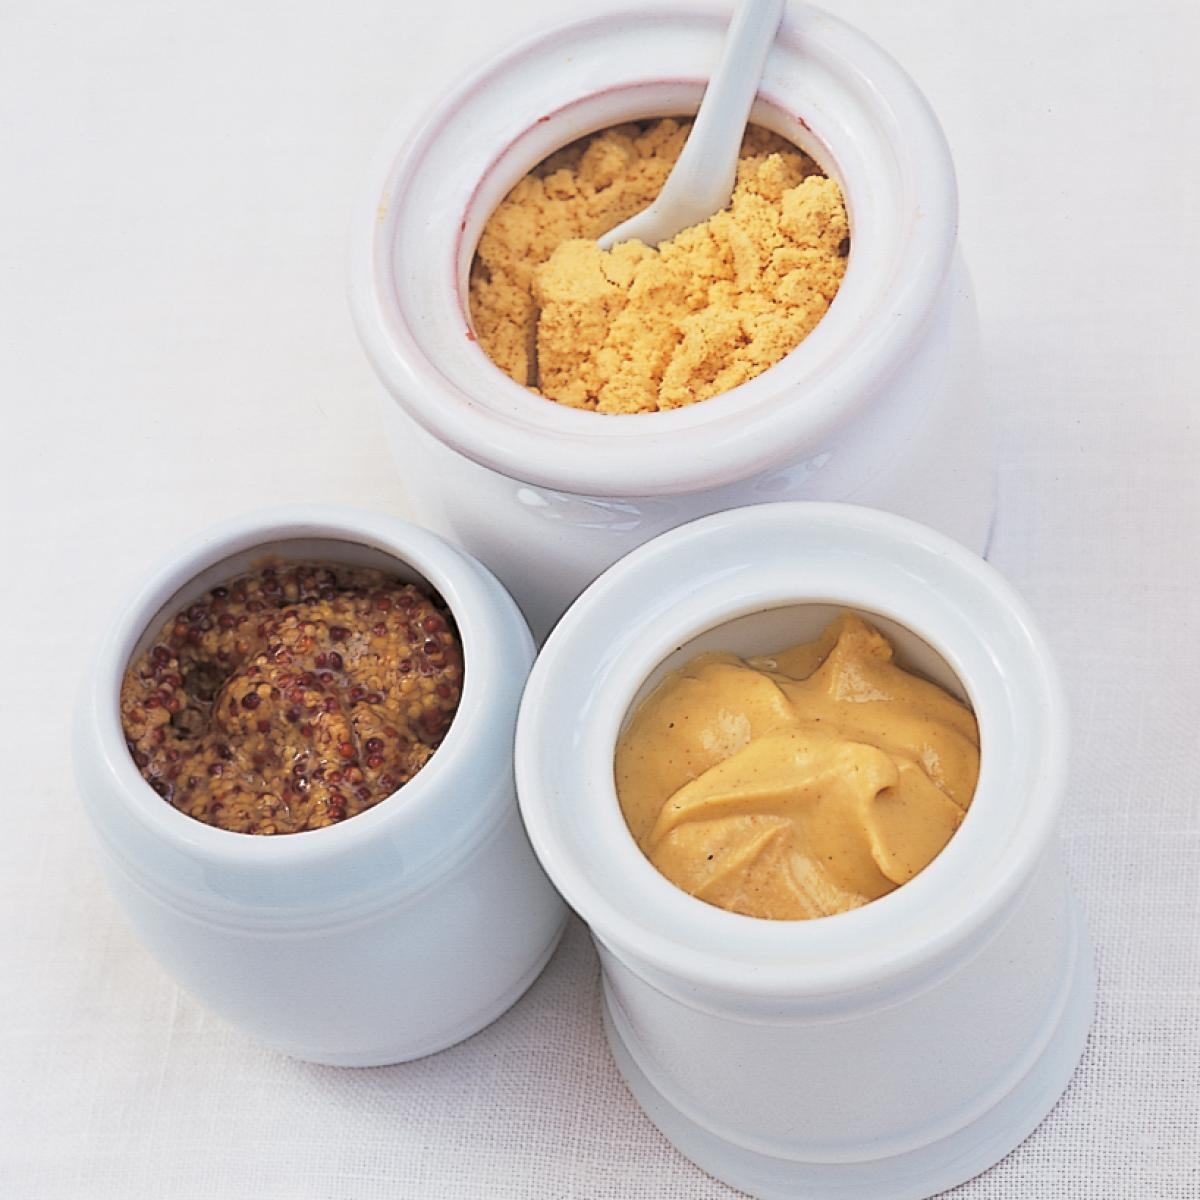 Ingredient htc mustard